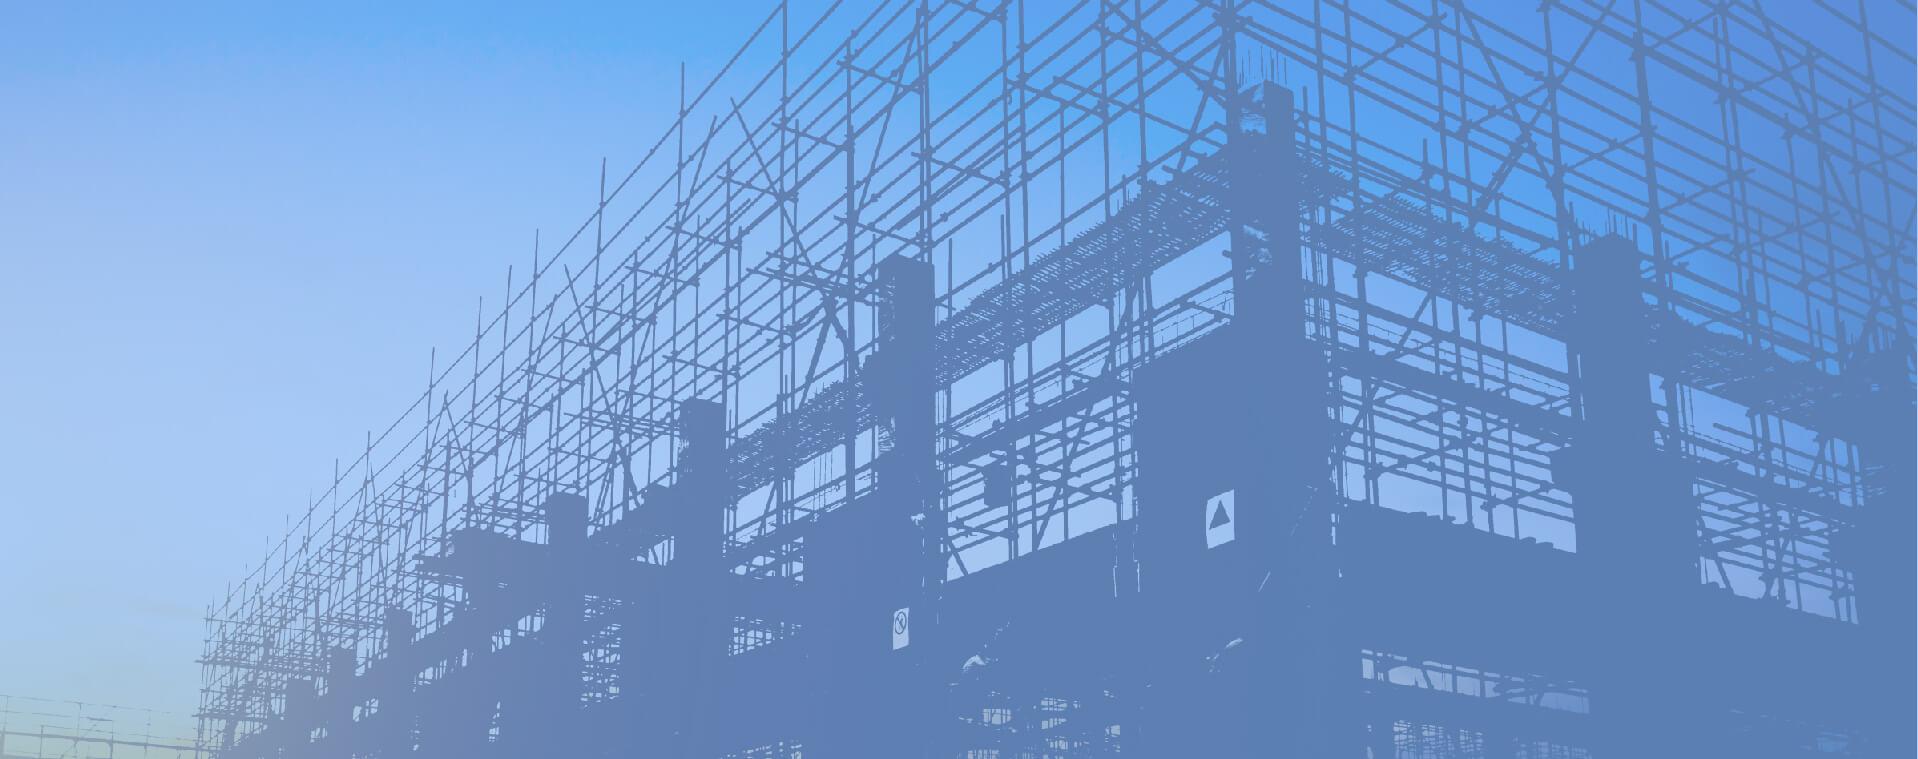 proect sliding 9 23 Получение Разрешения на строительство, ввод в эксплуатацию, постановка на кадастровый учет